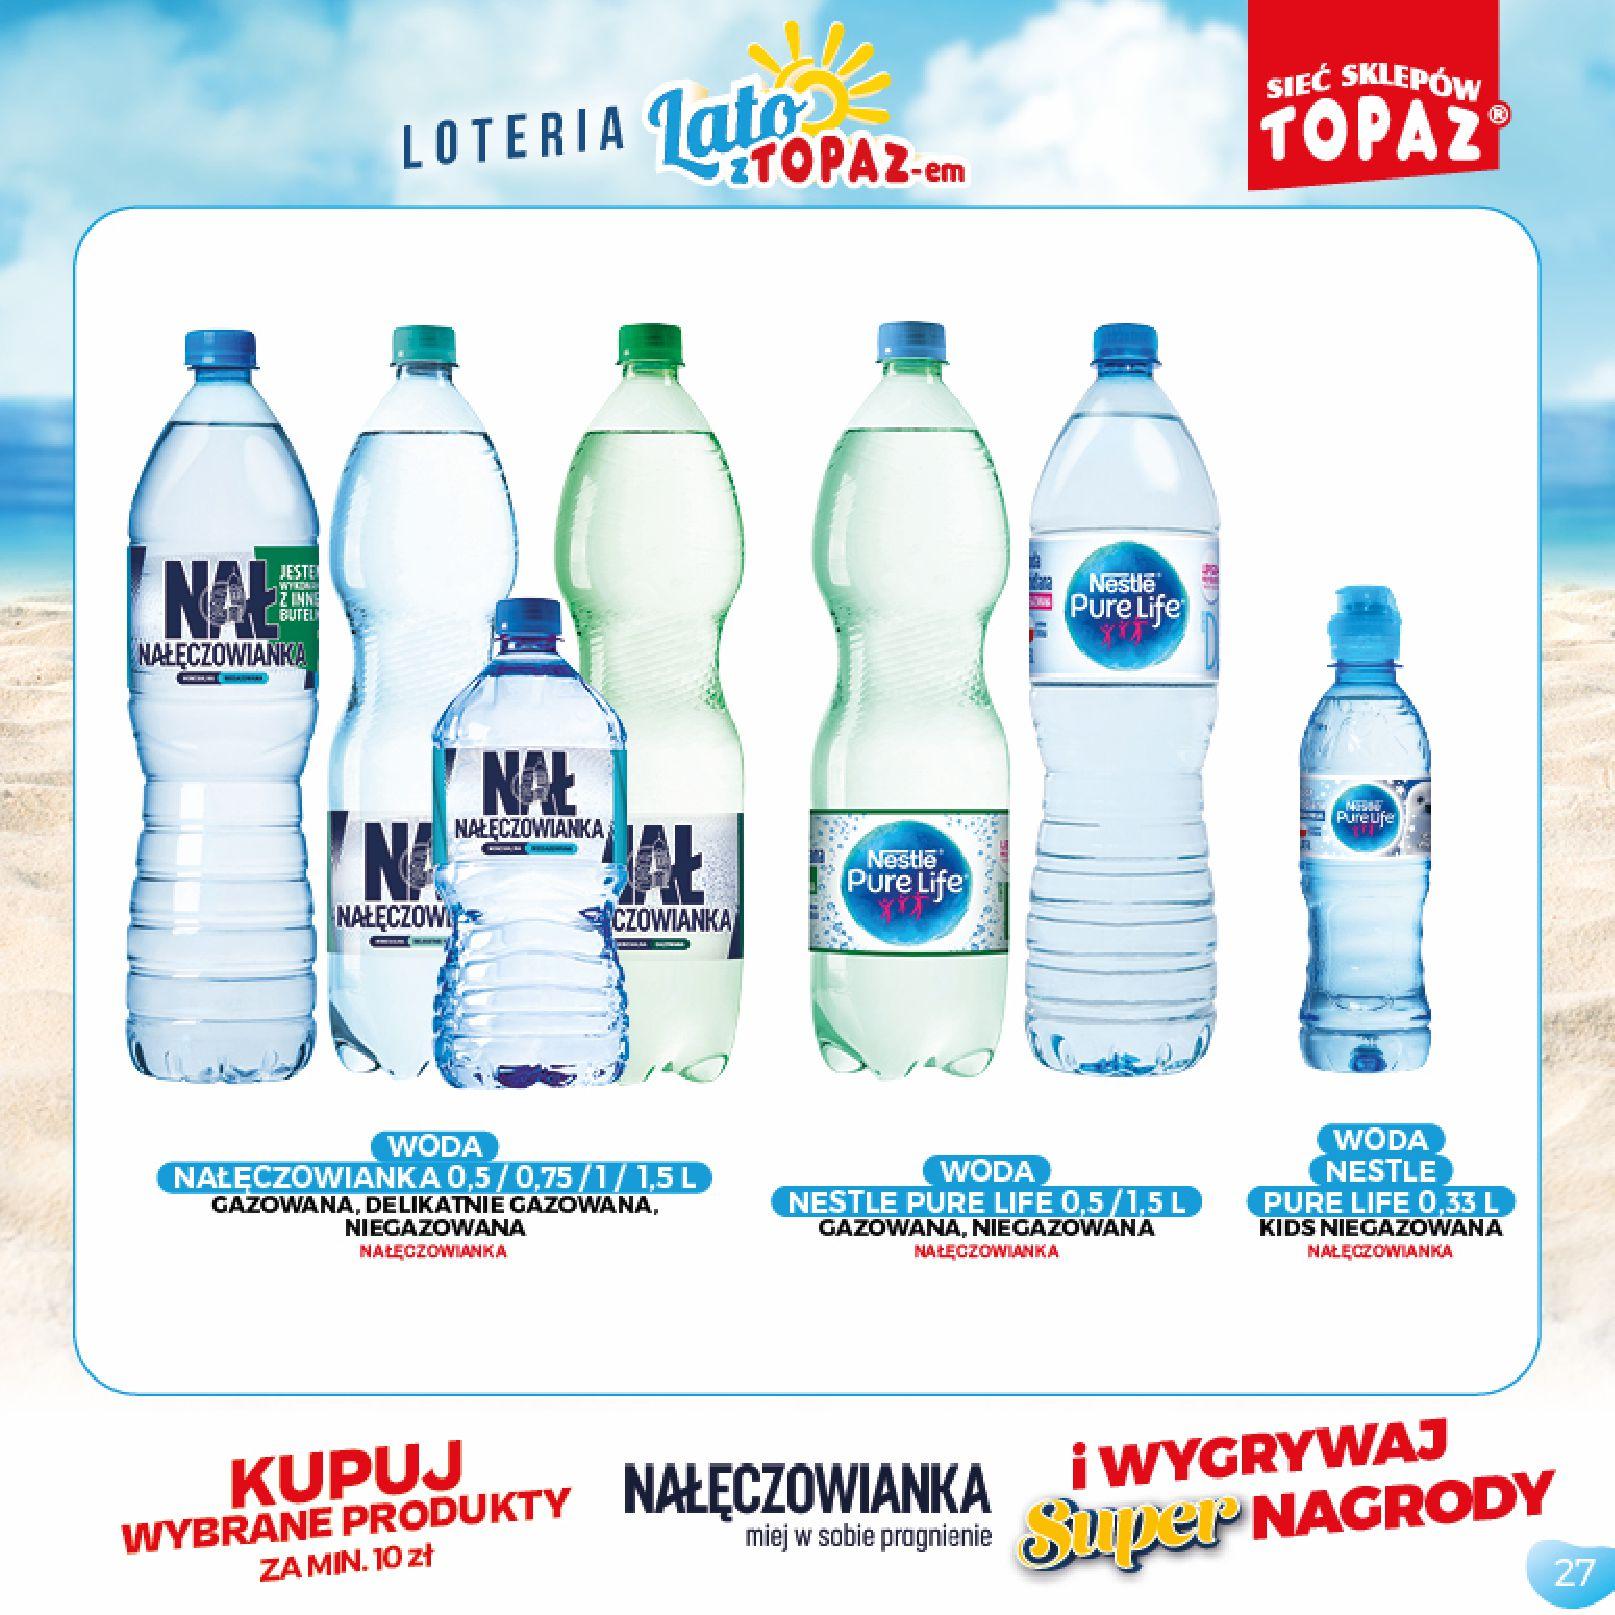 Gazetka TOPAZ: Gazetka TOPAZ - Loteria 2021-07-05 page-27